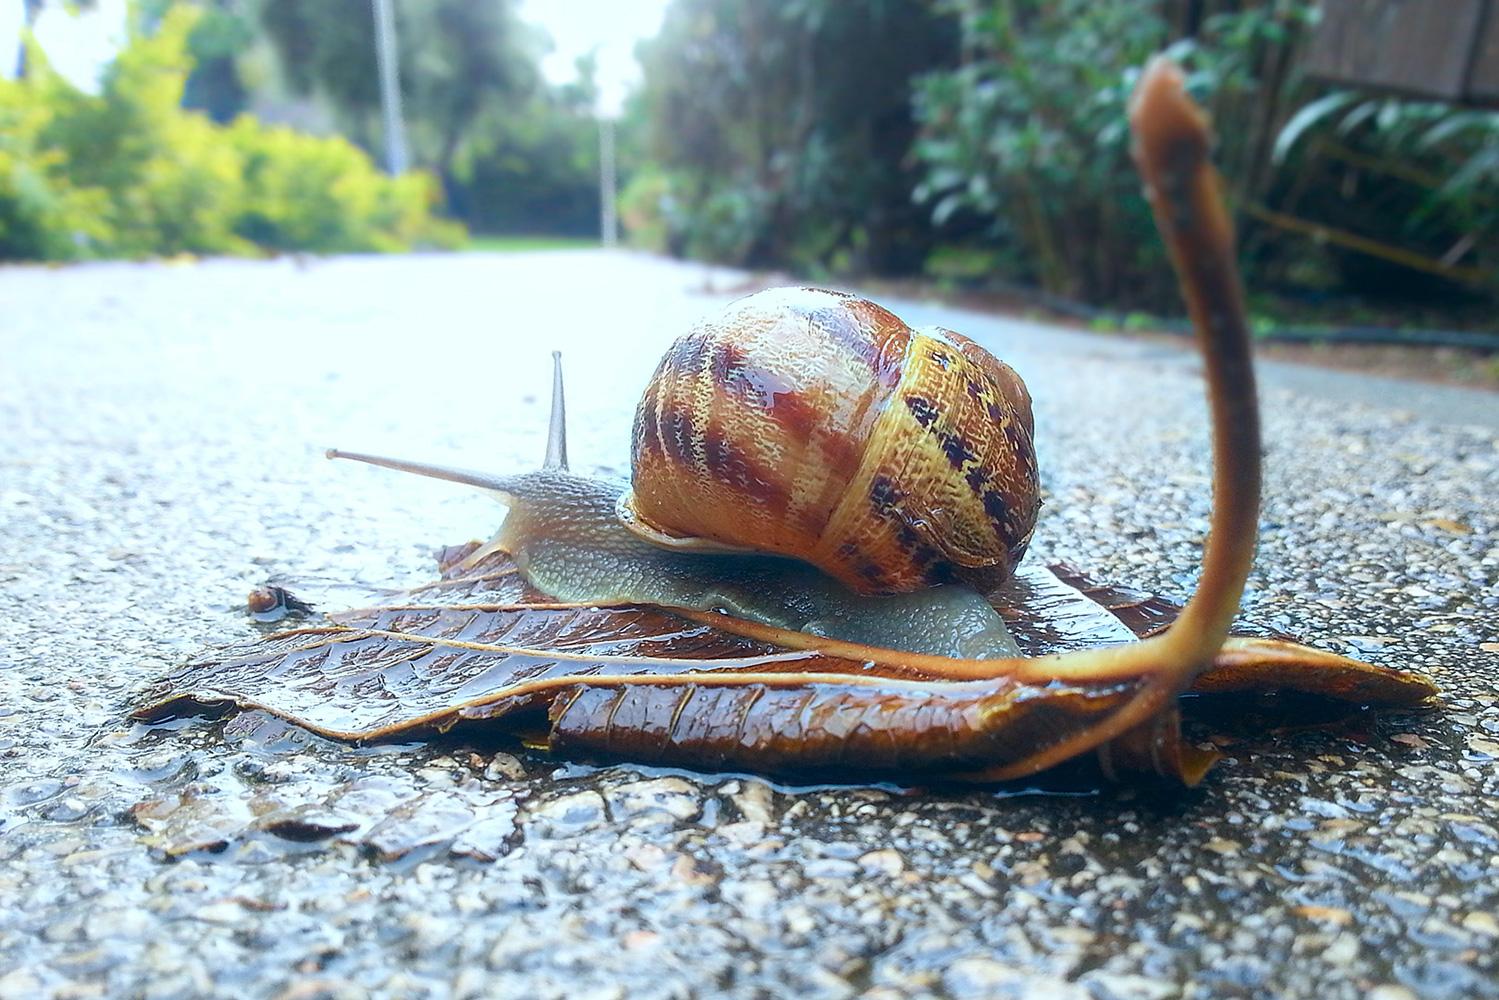 A Snail on a Rainy Day